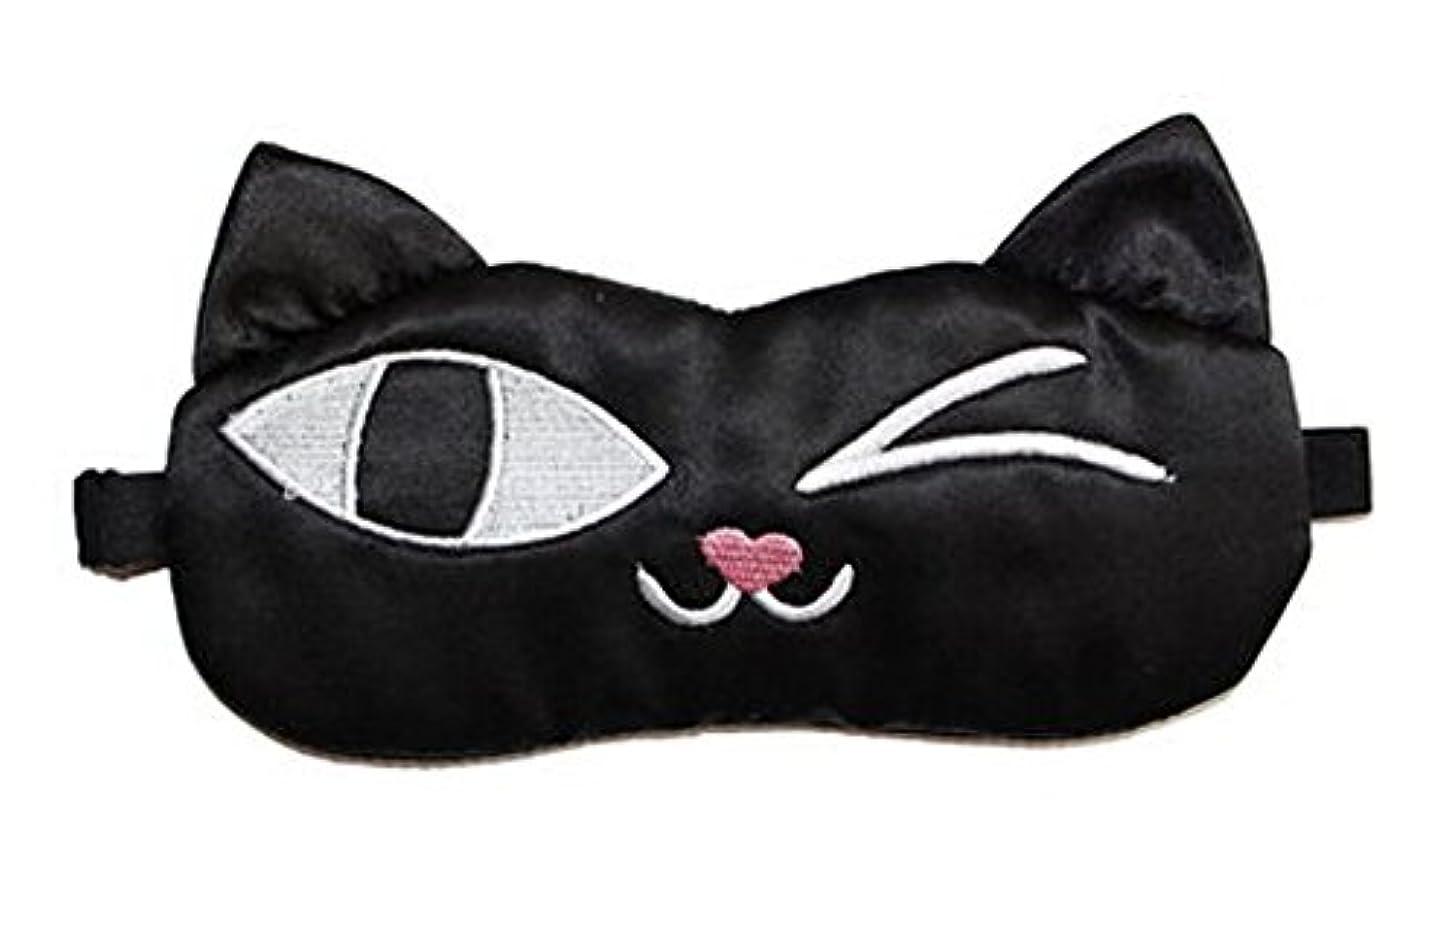 定期的ヘクタールチャレンジ旅行と昼寝のためのかわいい黒猫ソフトシルクスリープアイマスク弾性アイシェード目隠し